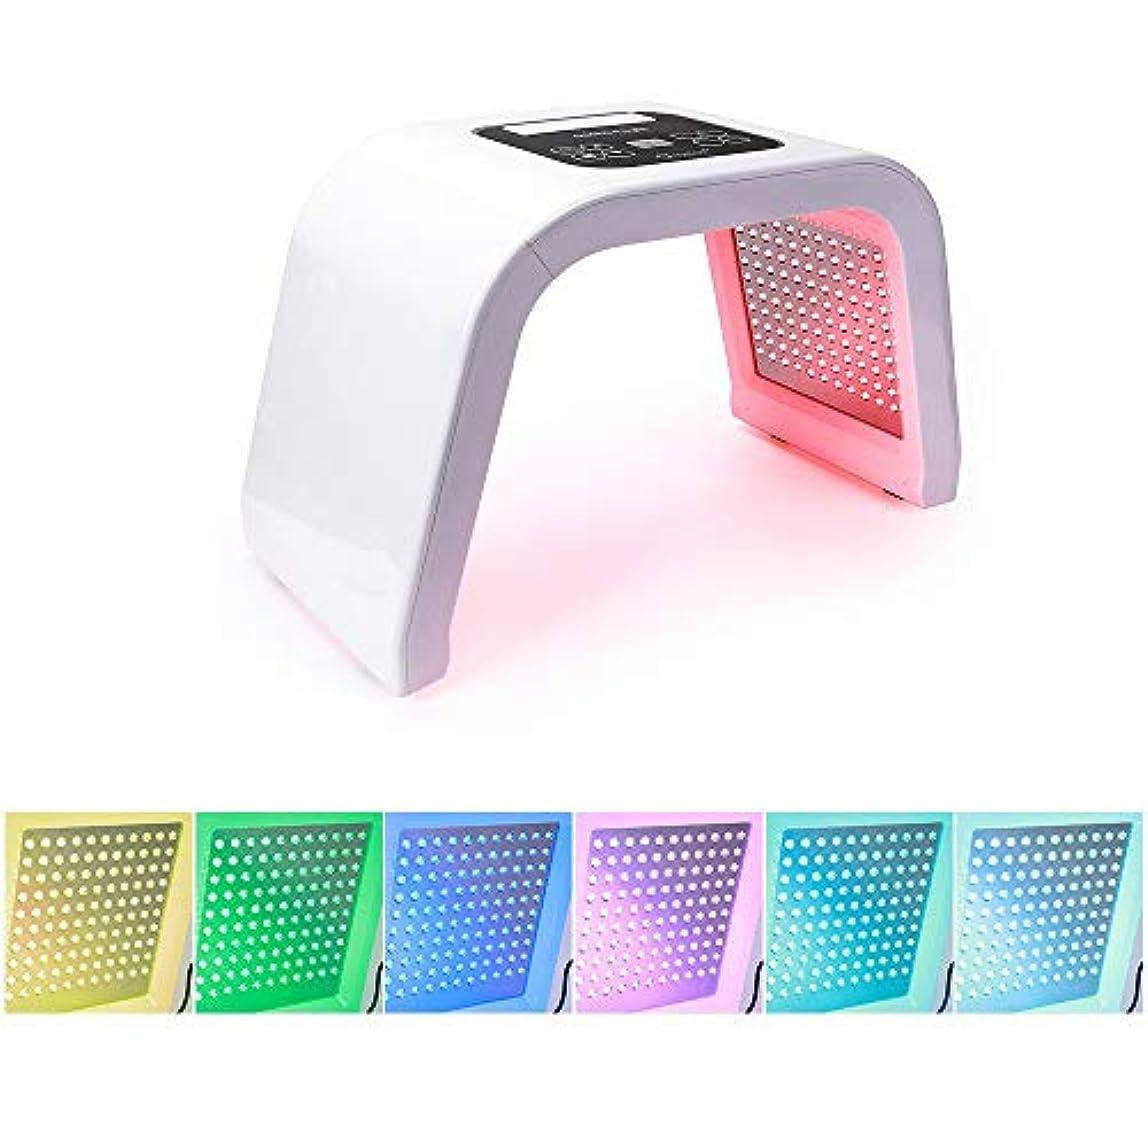 気難しい動員する出口PDT 7色ledライト美容光力学ランプにきび治療スキンケア機若返りフェイシャルマシンボディ美容スキンケア光子療法機